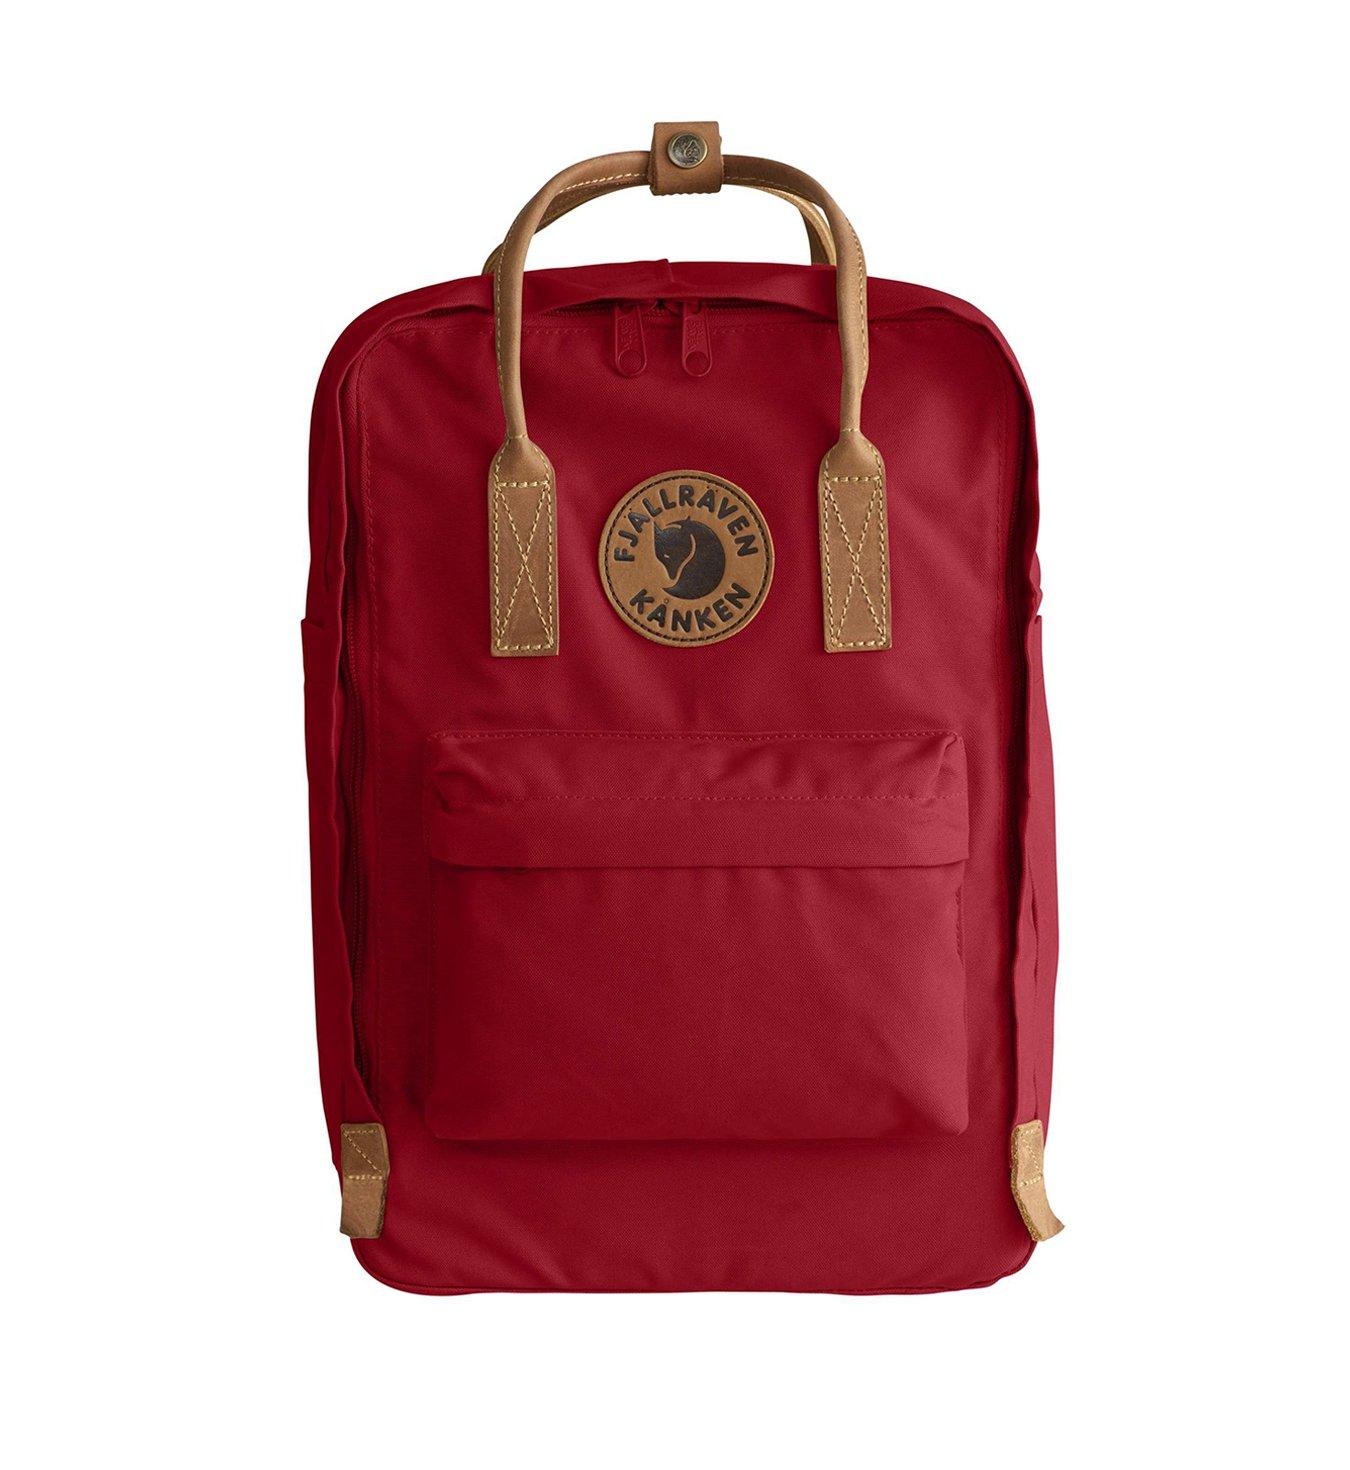 uważaj na szczegółowe zdjęcia niska cena Fjallraven Kanken No. 2 Laptop 15 Deep Red